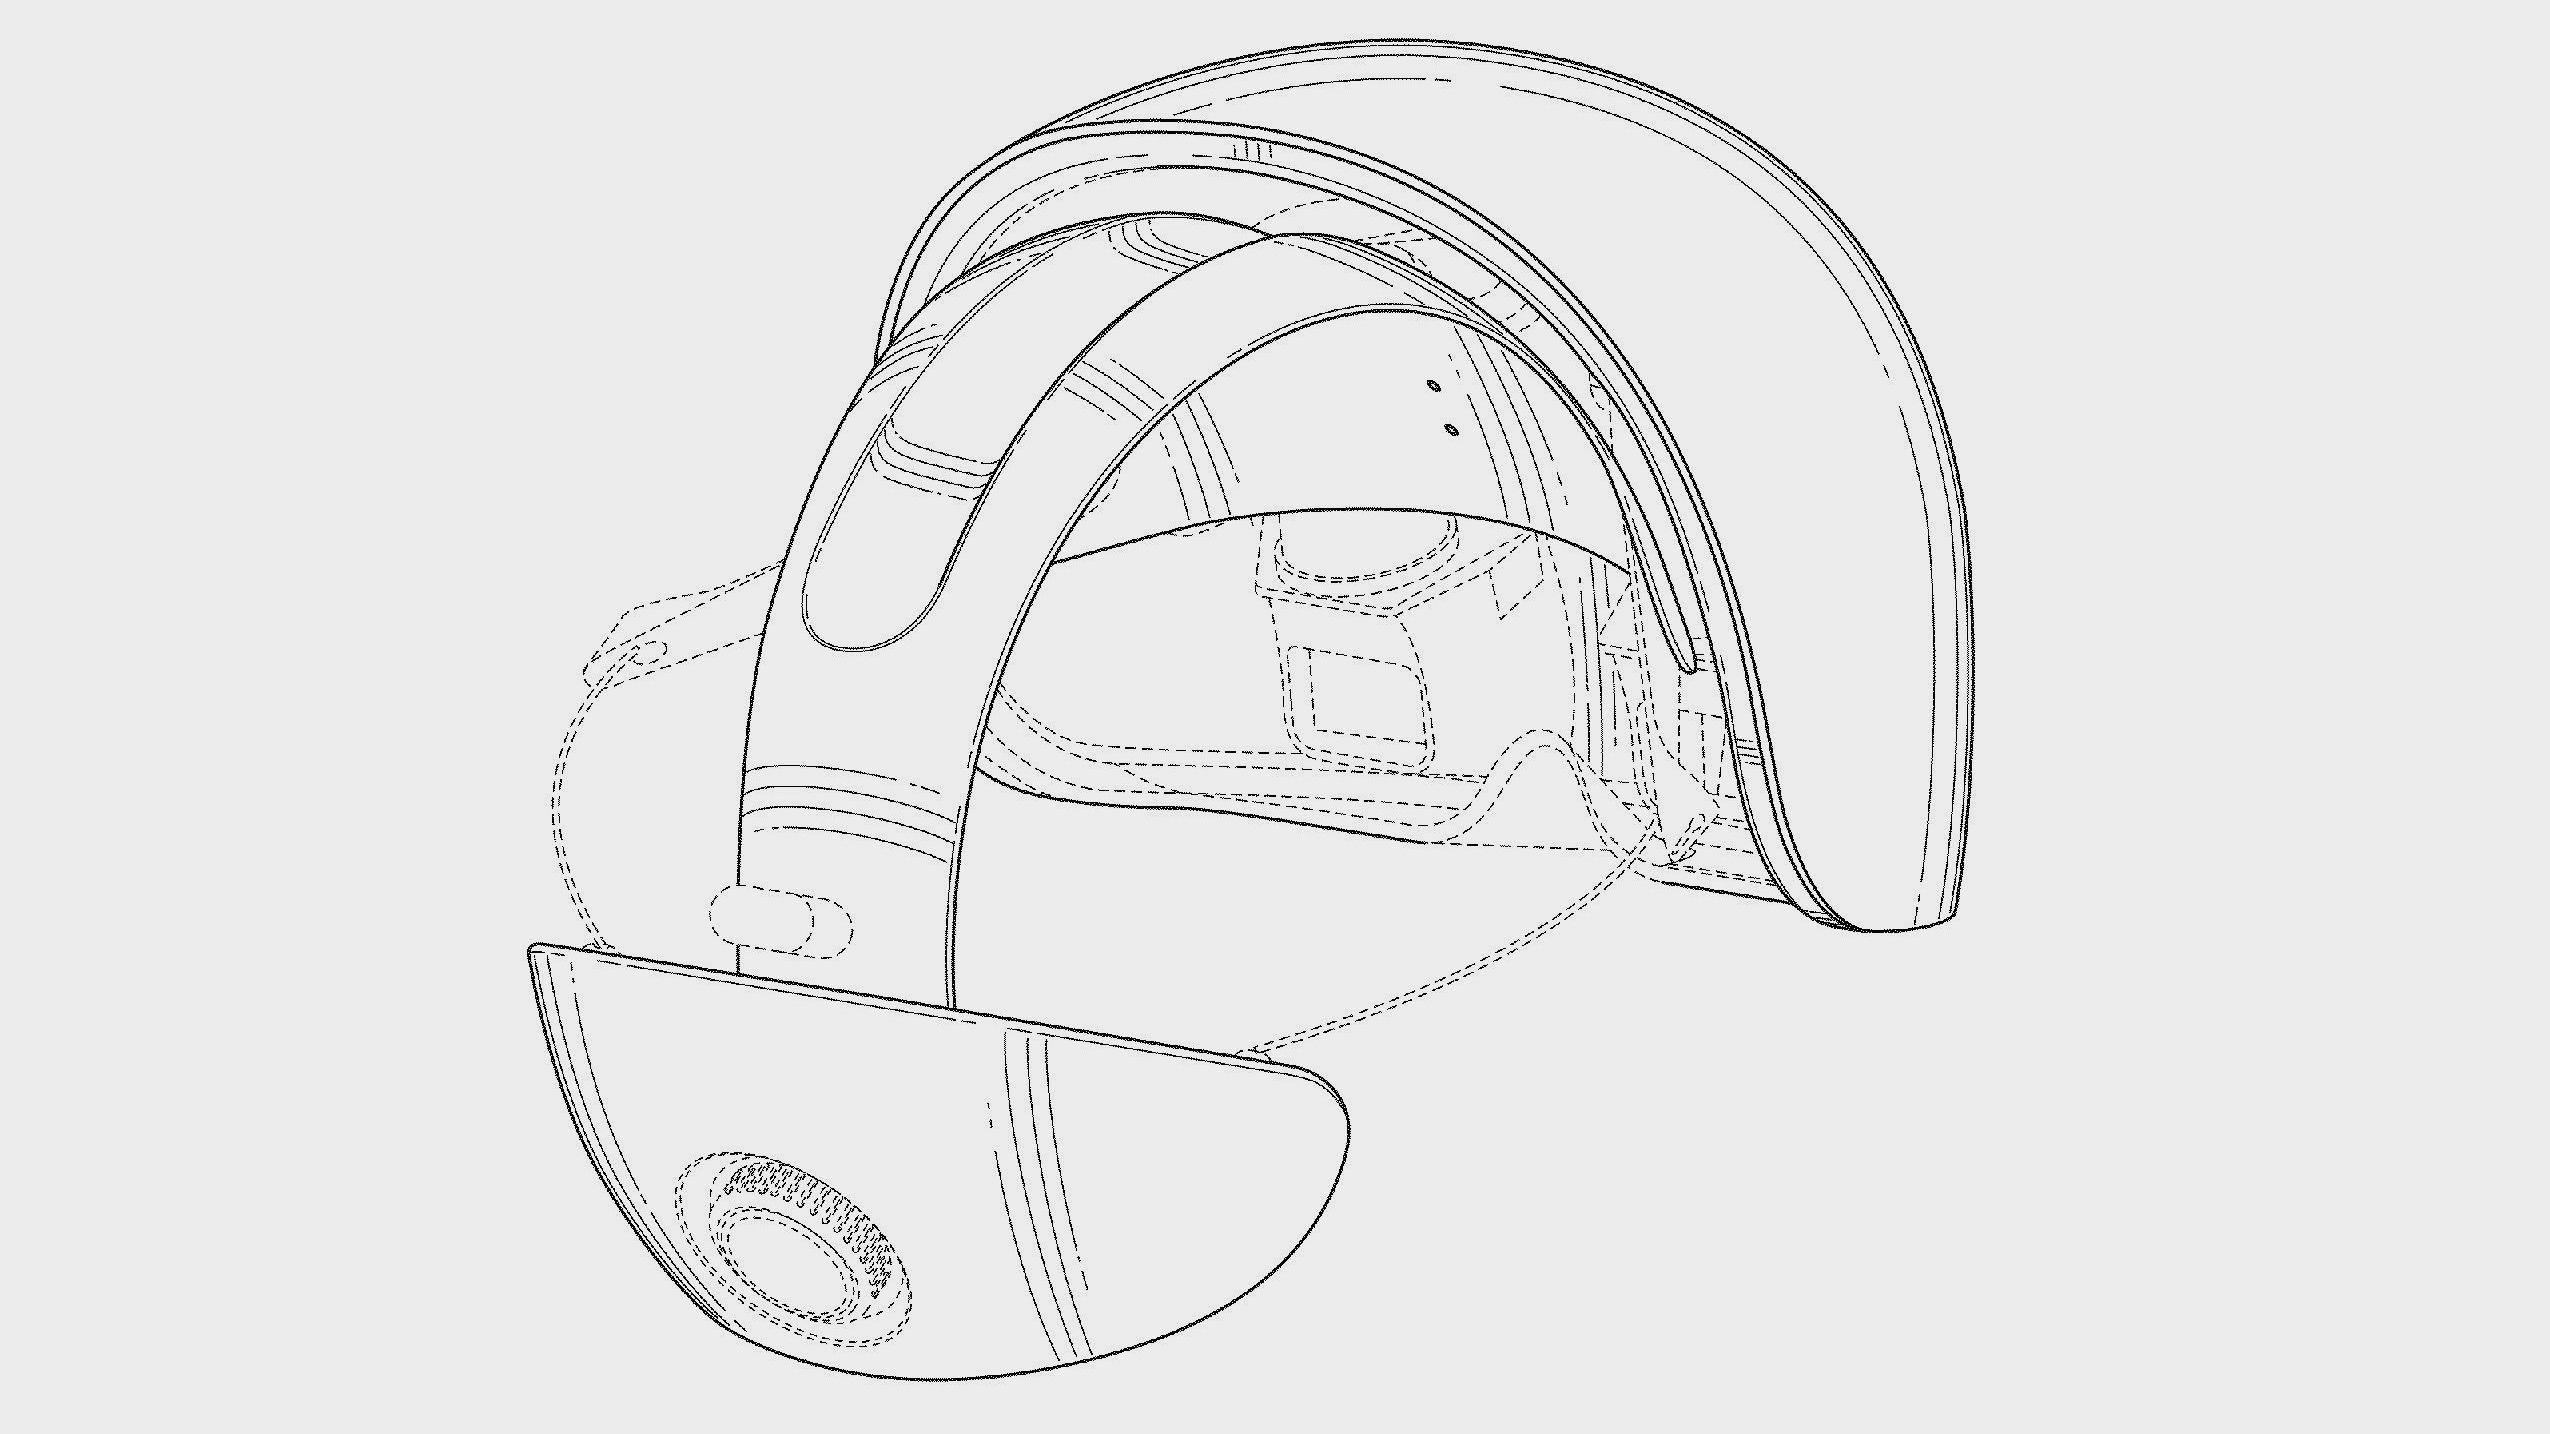 Slik ser den mystiske HoloLens-konkurrenten ut